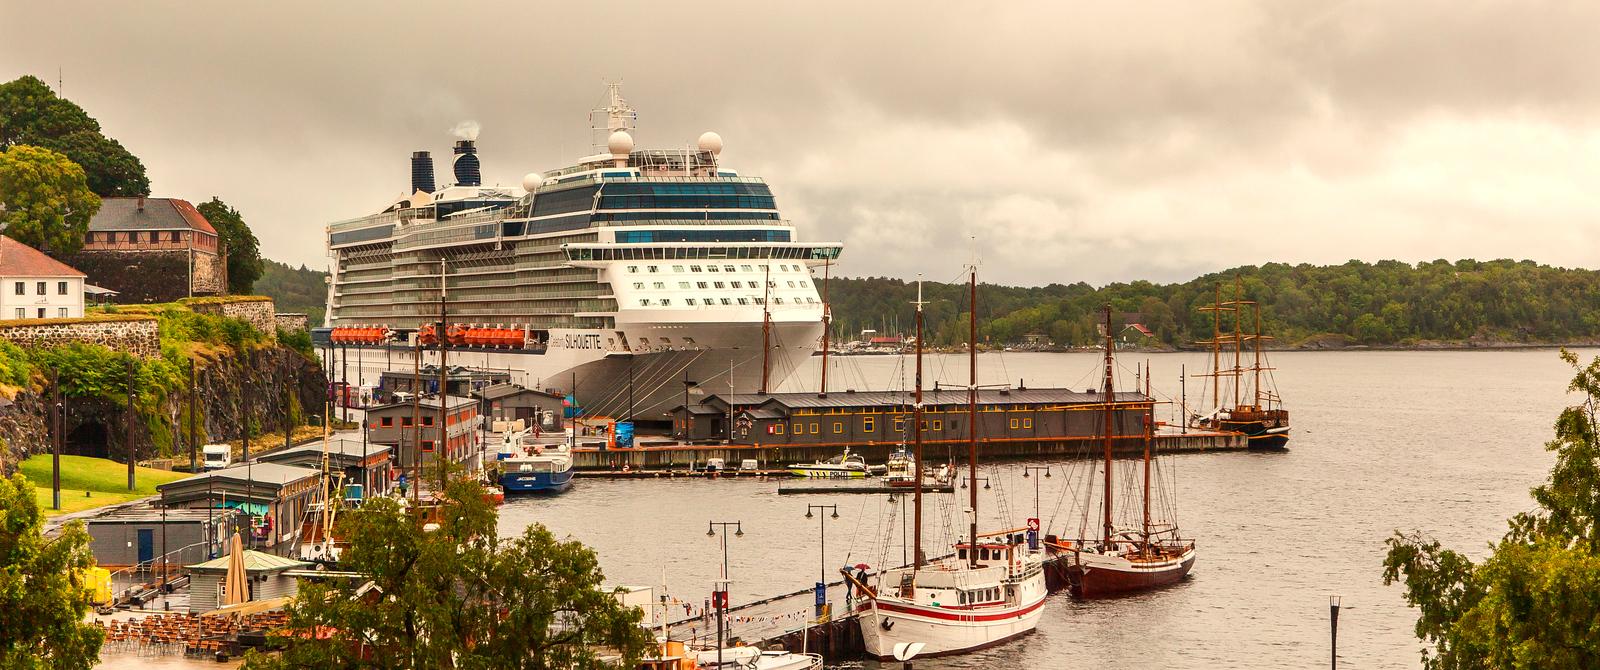 挪威奧塞羅,停靠的大遊船很出風頭